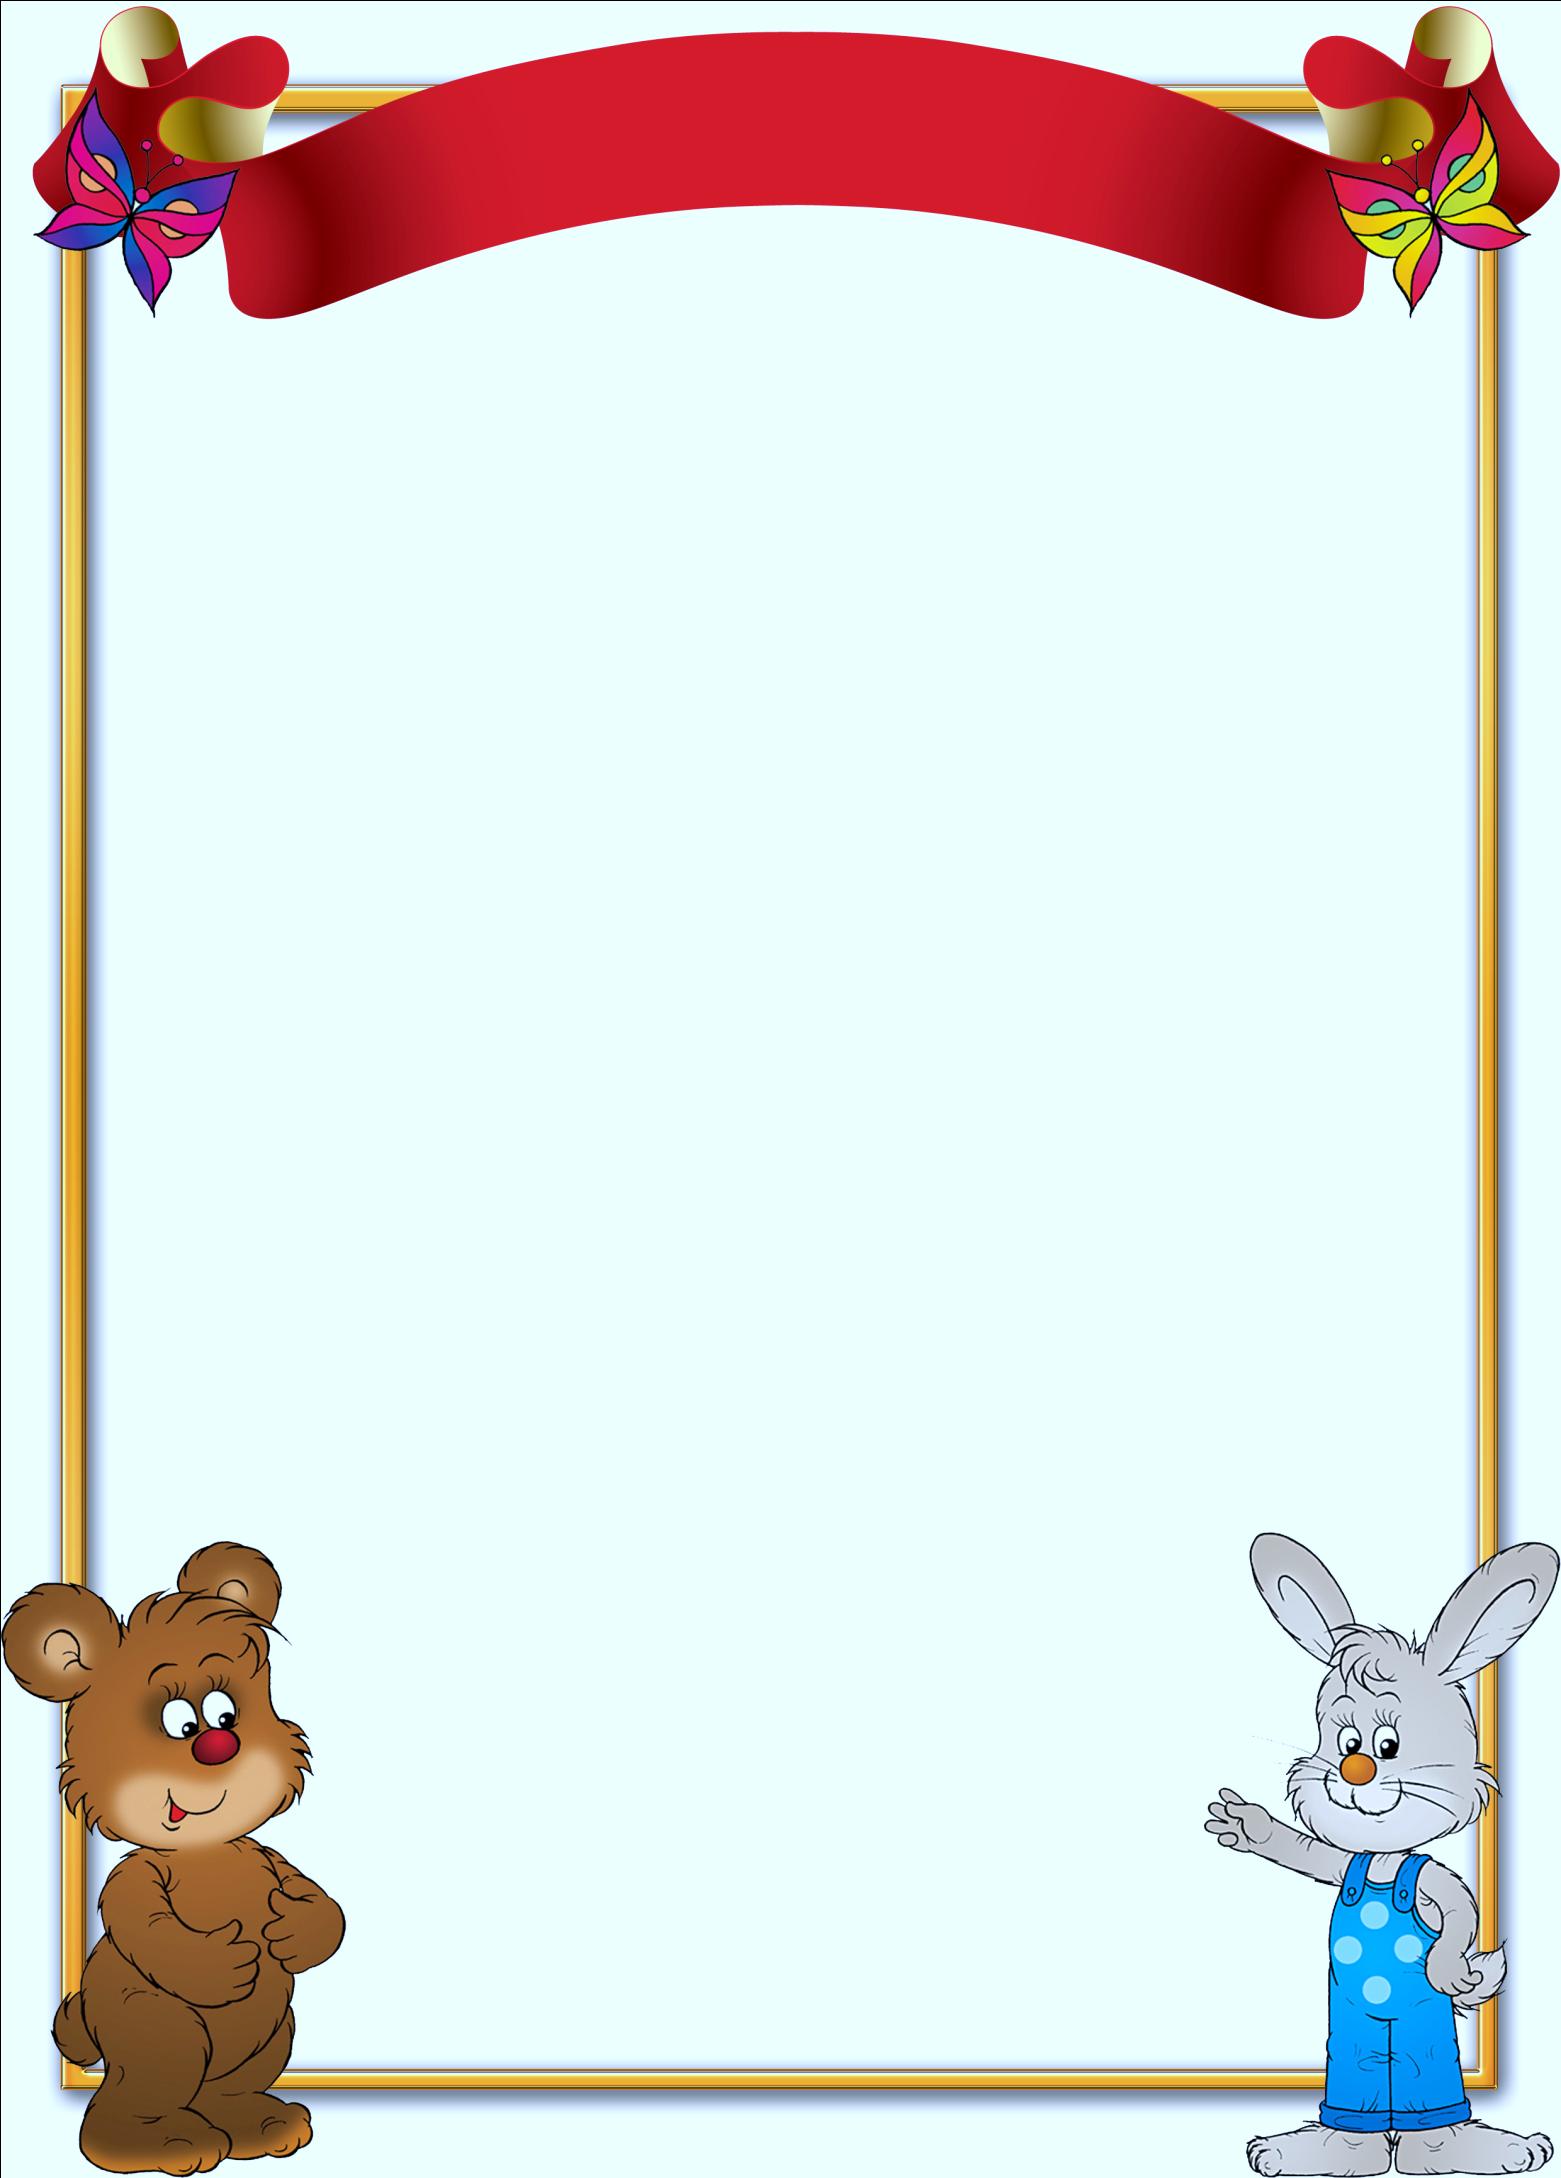 Картинки детские для текста, подруге